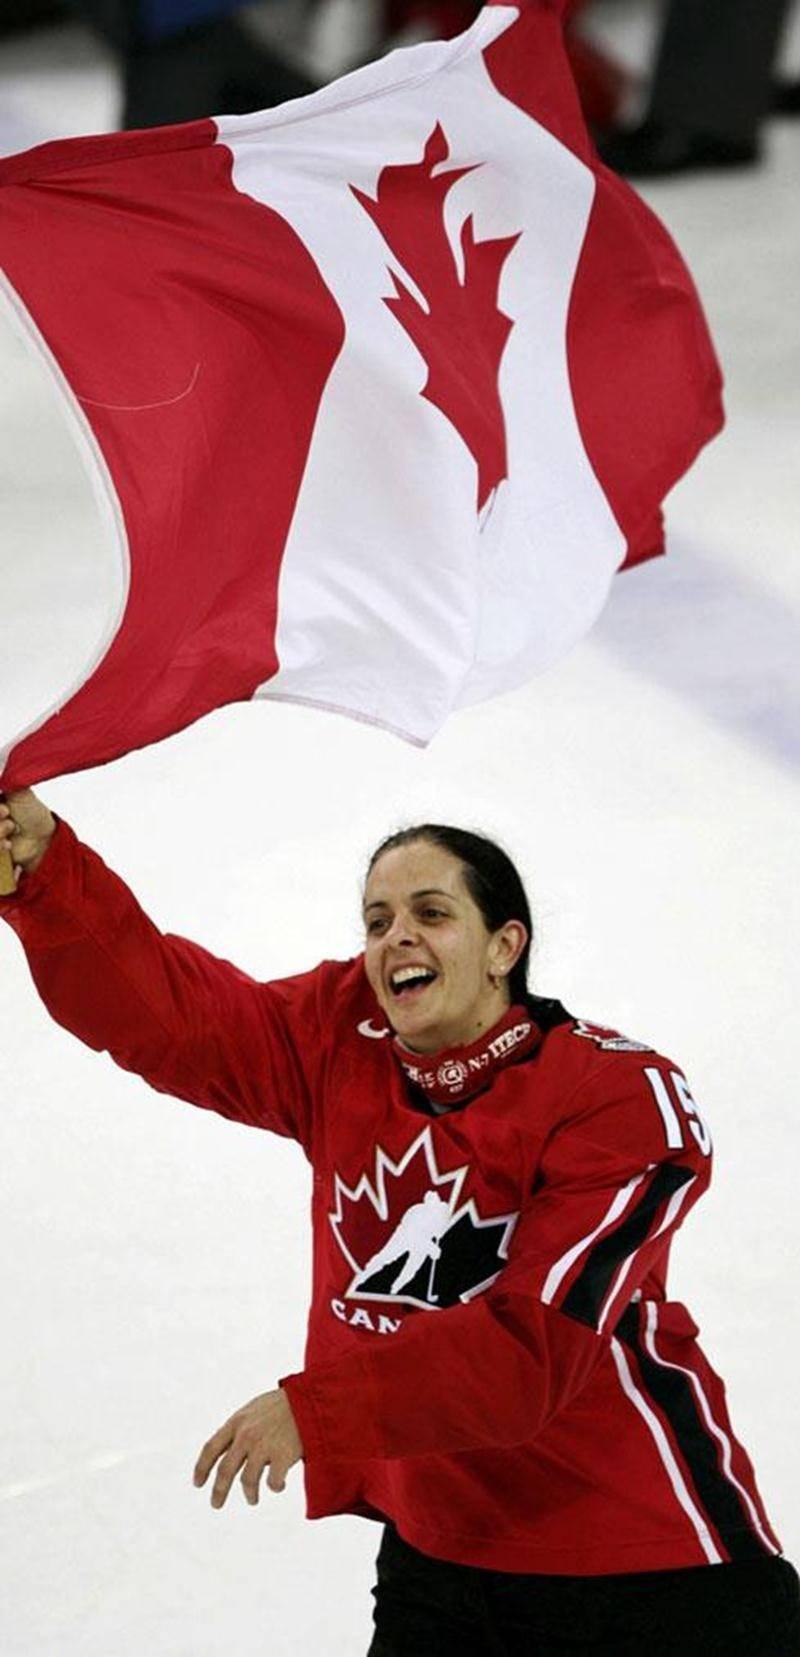 En mai 2013, Danielle Goyette sera intronisée au Temple de la renommée de la Fédération internationale de hockey sur glace.